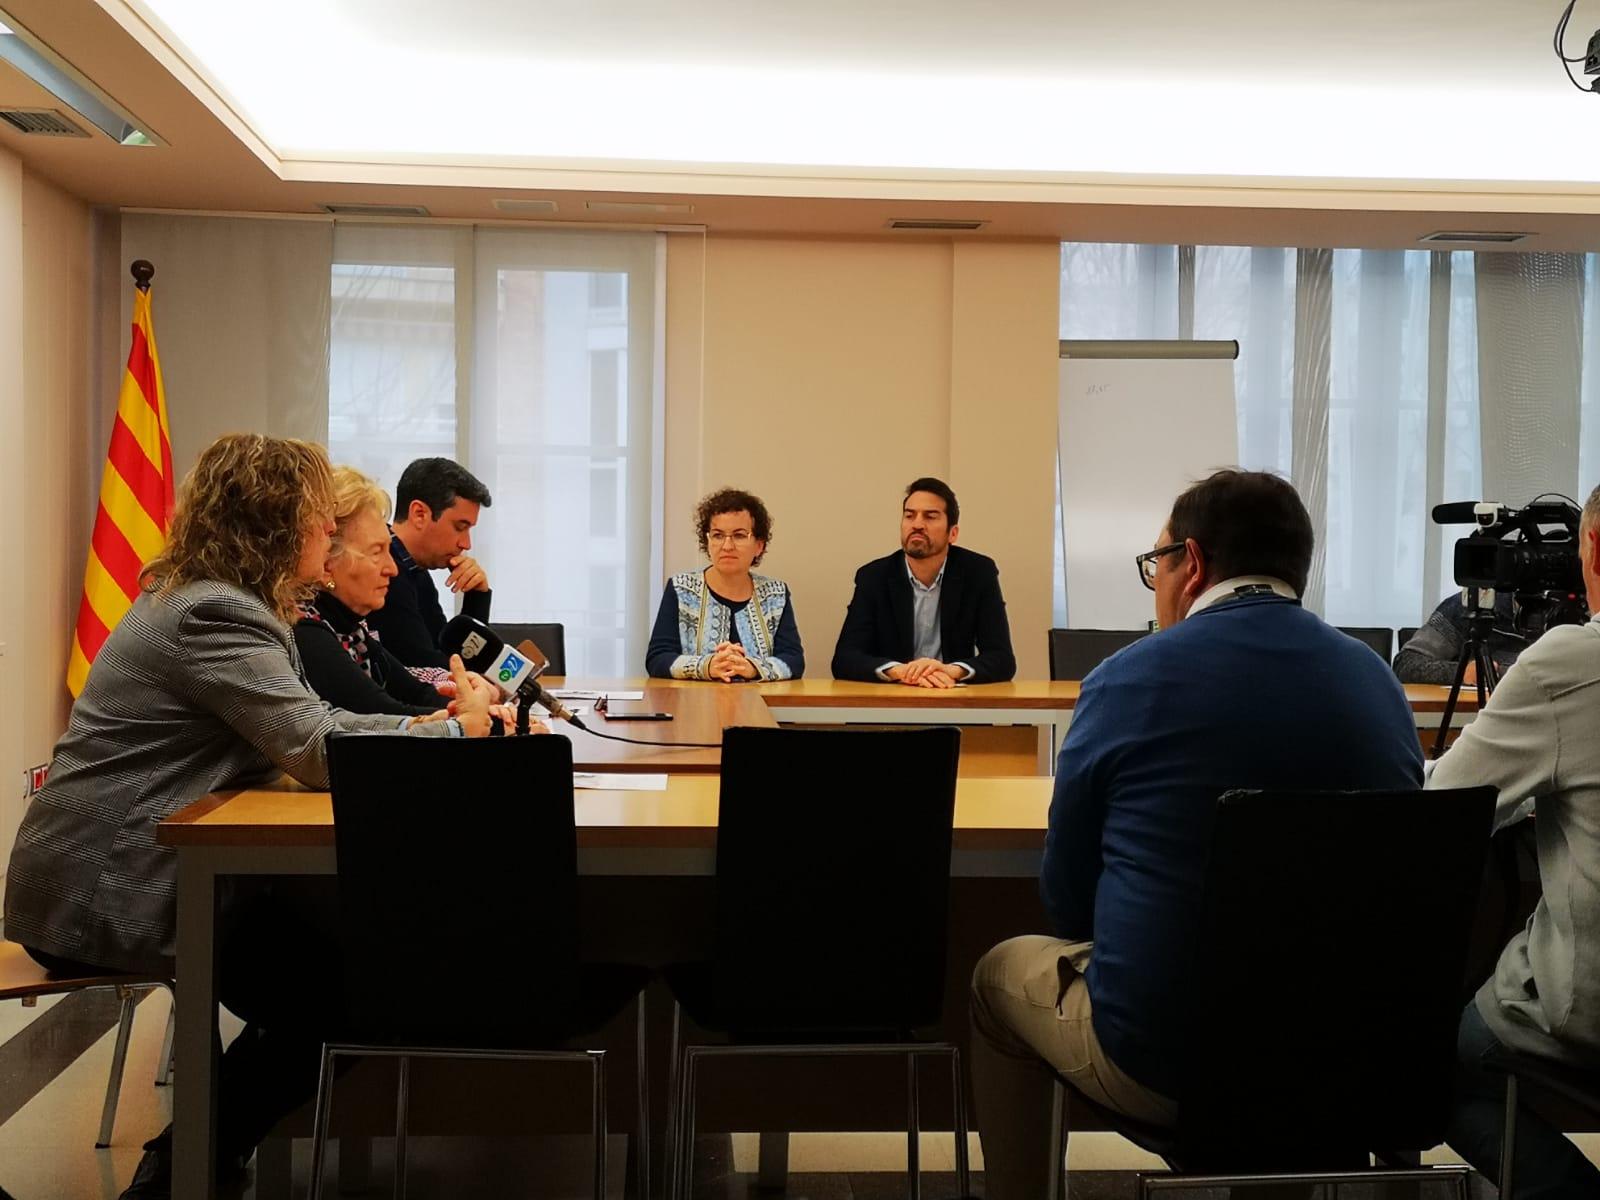 Aquest dimarts s'ha presentat la 1a Fira de l'Ocupació i l'Emprenedoria del Baix Penedès